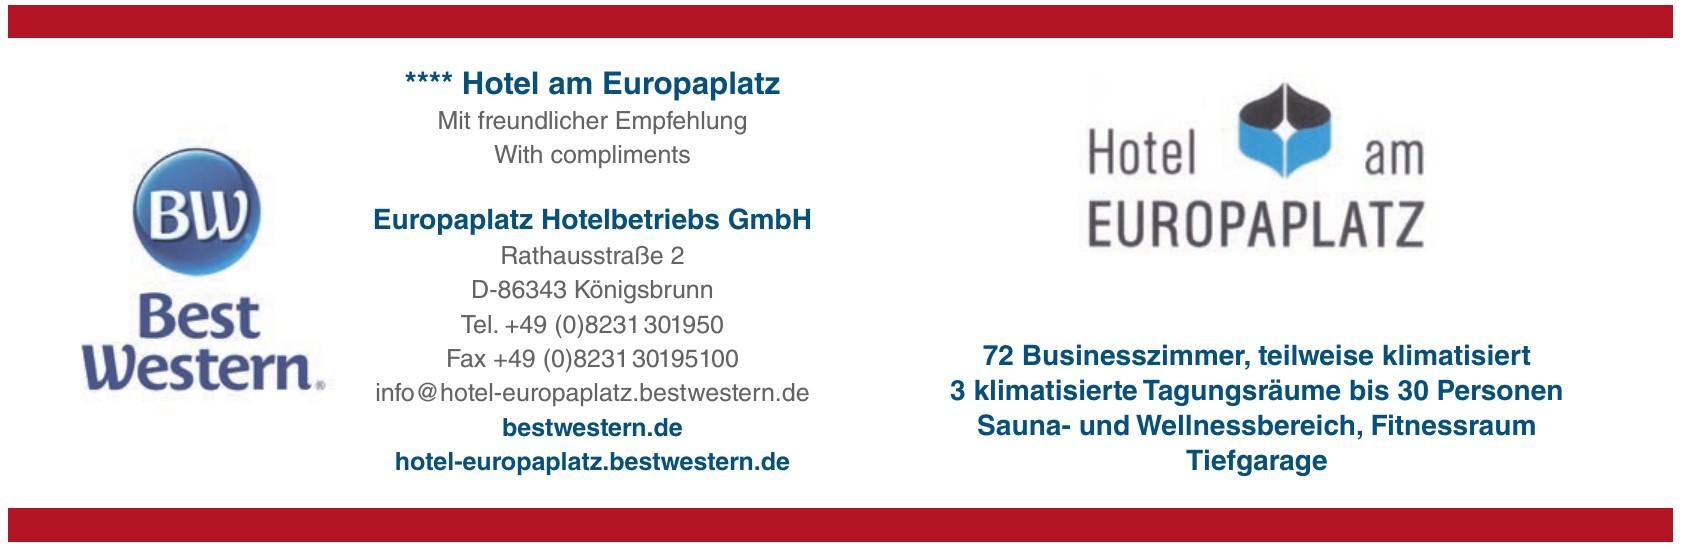 Europaplatz Hotelbetriebs GmbH